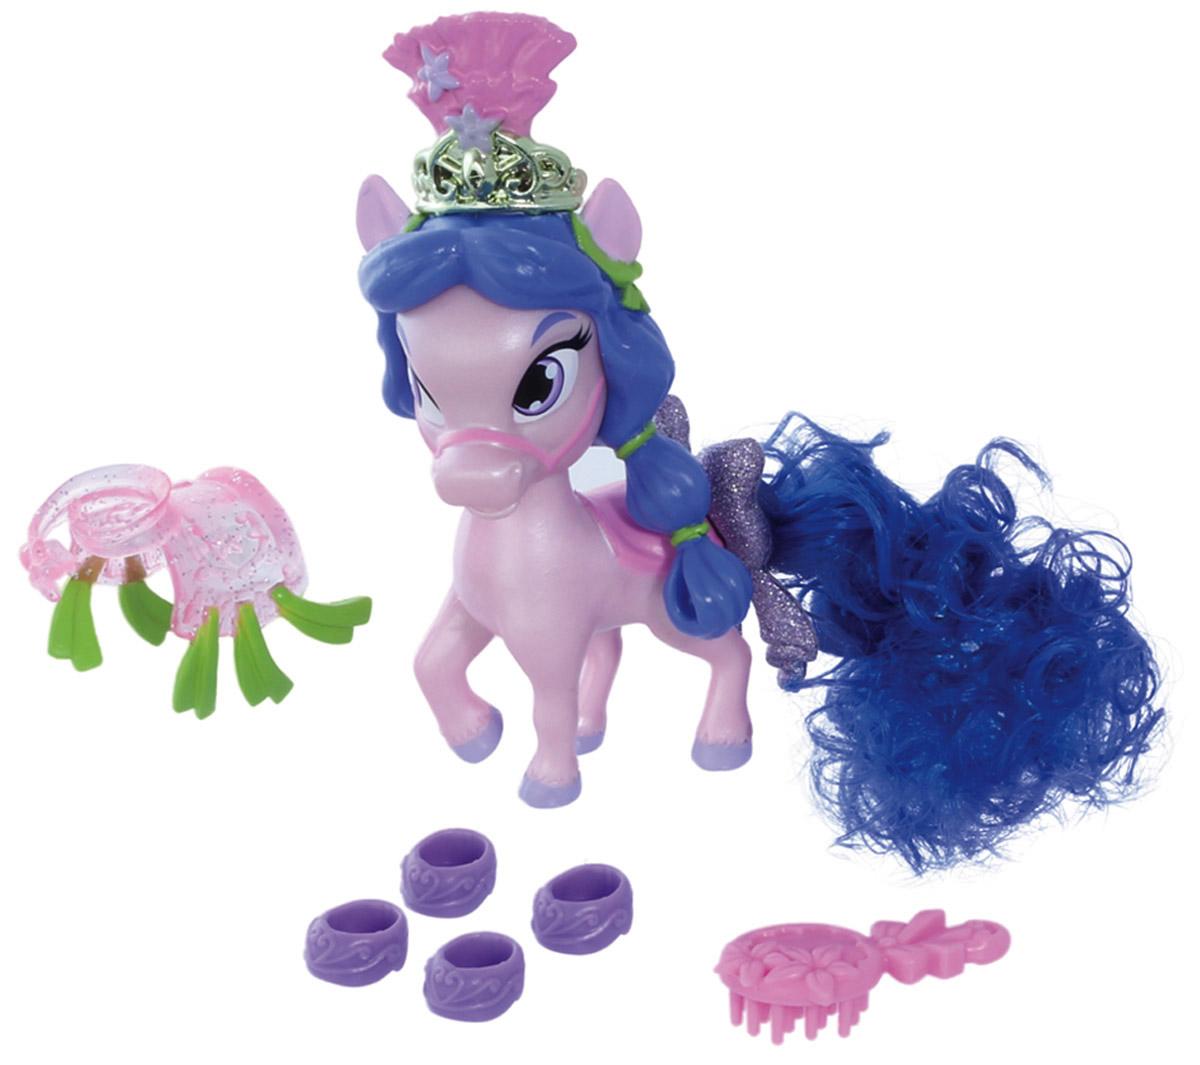 Disney Princess Фигурка Пони Личи21865Фигурка Disney Princess Пони Личи обязательно понравится вашей малышке! Пышный хвост пони, любимицы Мулан, можно расчесывать, как хвост настоящей лошадки, а помимо предназначенной для этого расчески, в набор с ней входят четыре изящных башмачка, роскошное декоративное седло и великолепная диадема, которой можно украсить гриву. Не все лошади должны быть боевыми скакунами, некоторым четвероногим модницам достаточно просто радовать глаз своей красотой. И даже такая воинственная девушка, как Мулан, не может сдержаться, чтобы не побаловать свою маленькую лошадку.